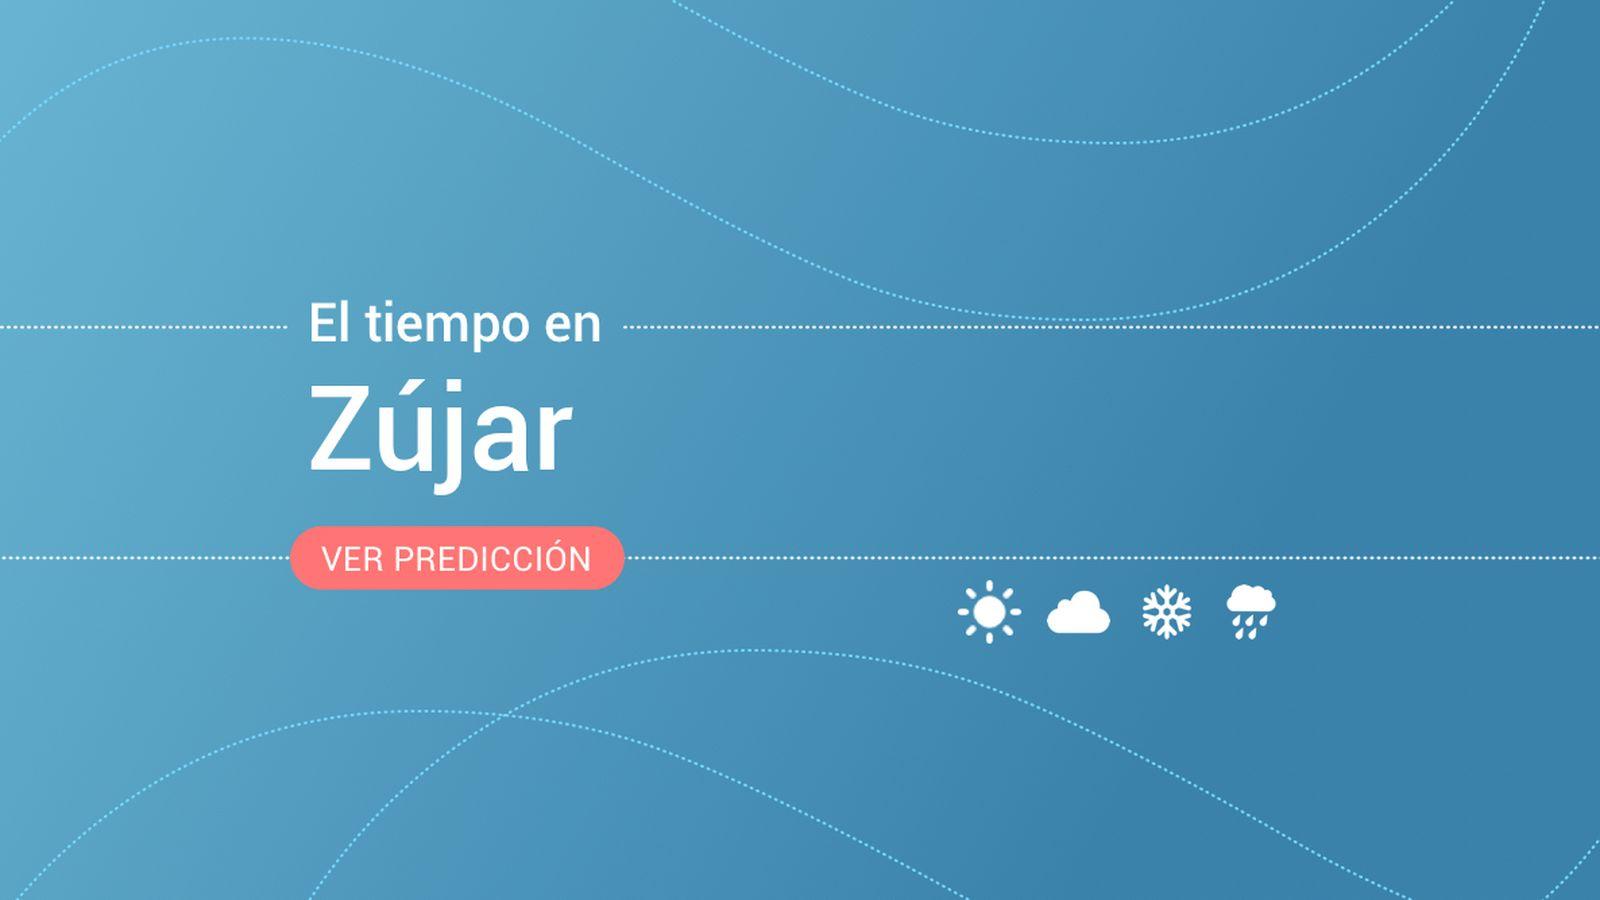 Foto: El tiempo en Zújar. (EC)